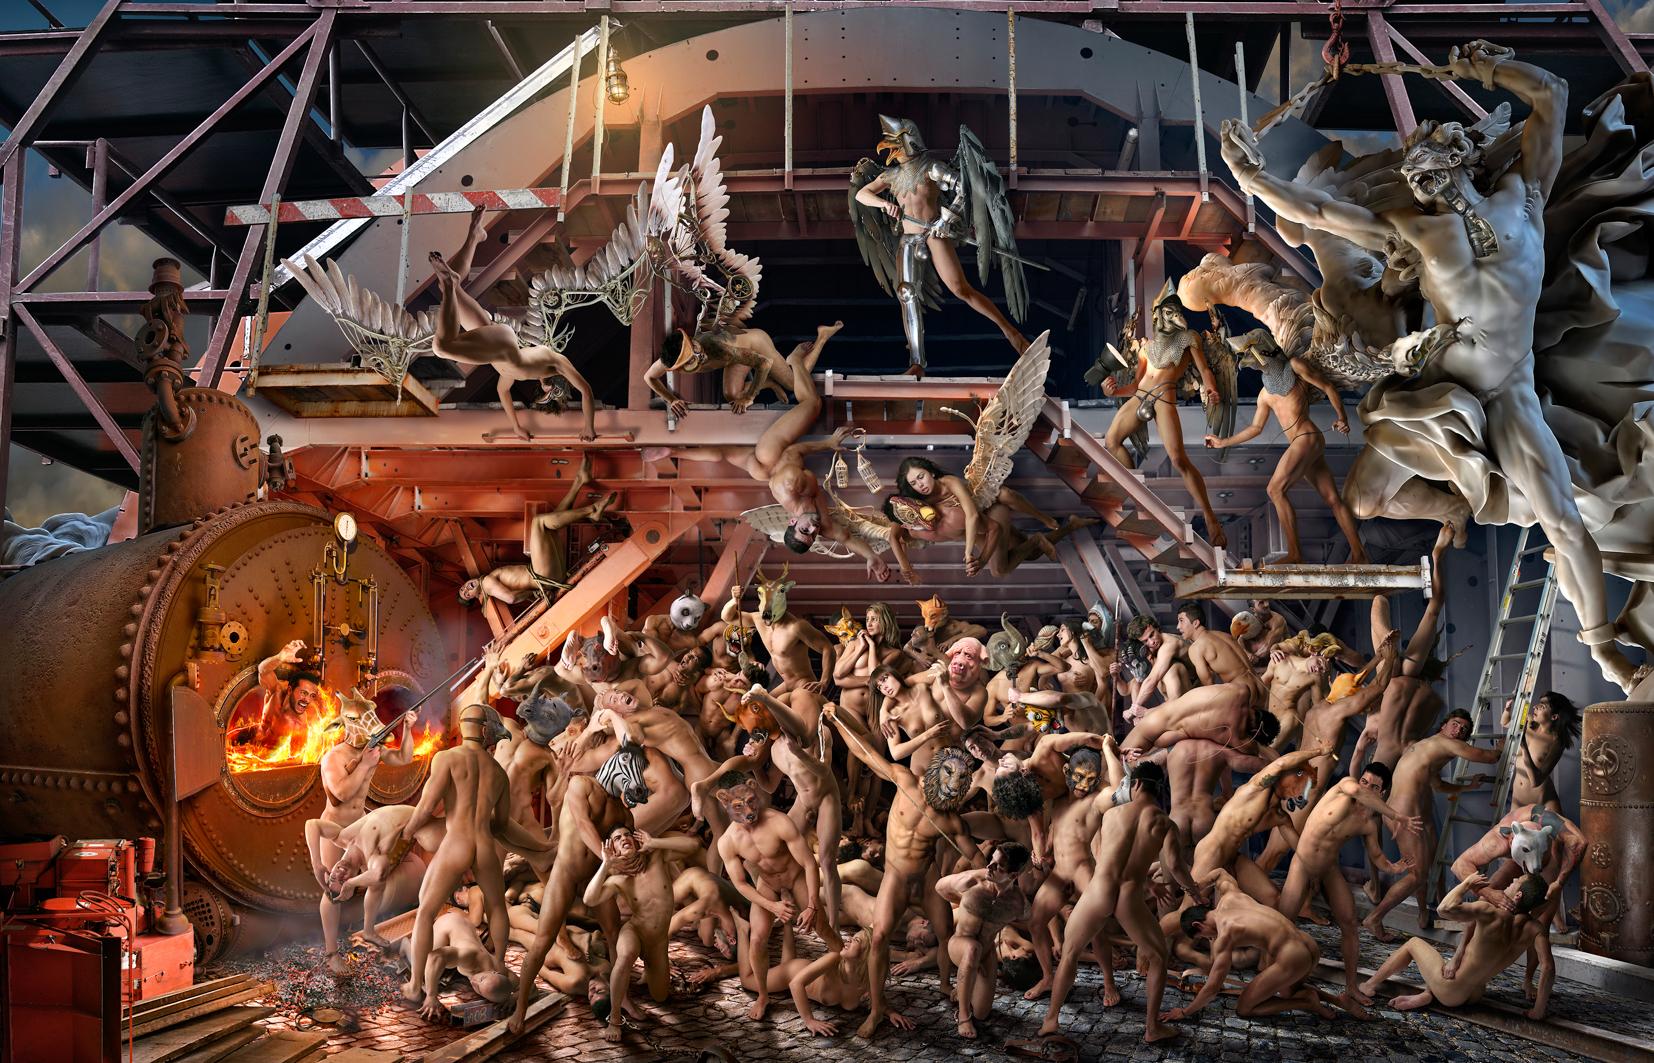 © Diamantino Jesus - Extiction Extremis | Categoria Ilustração